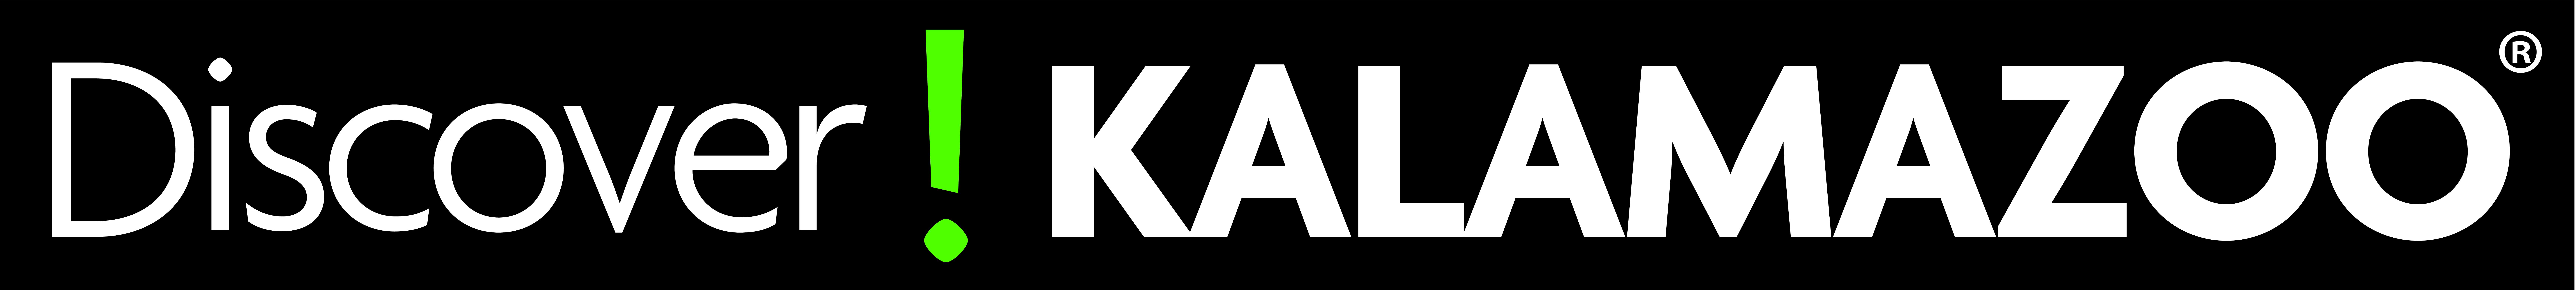 resized_Discover Kalamazoo1